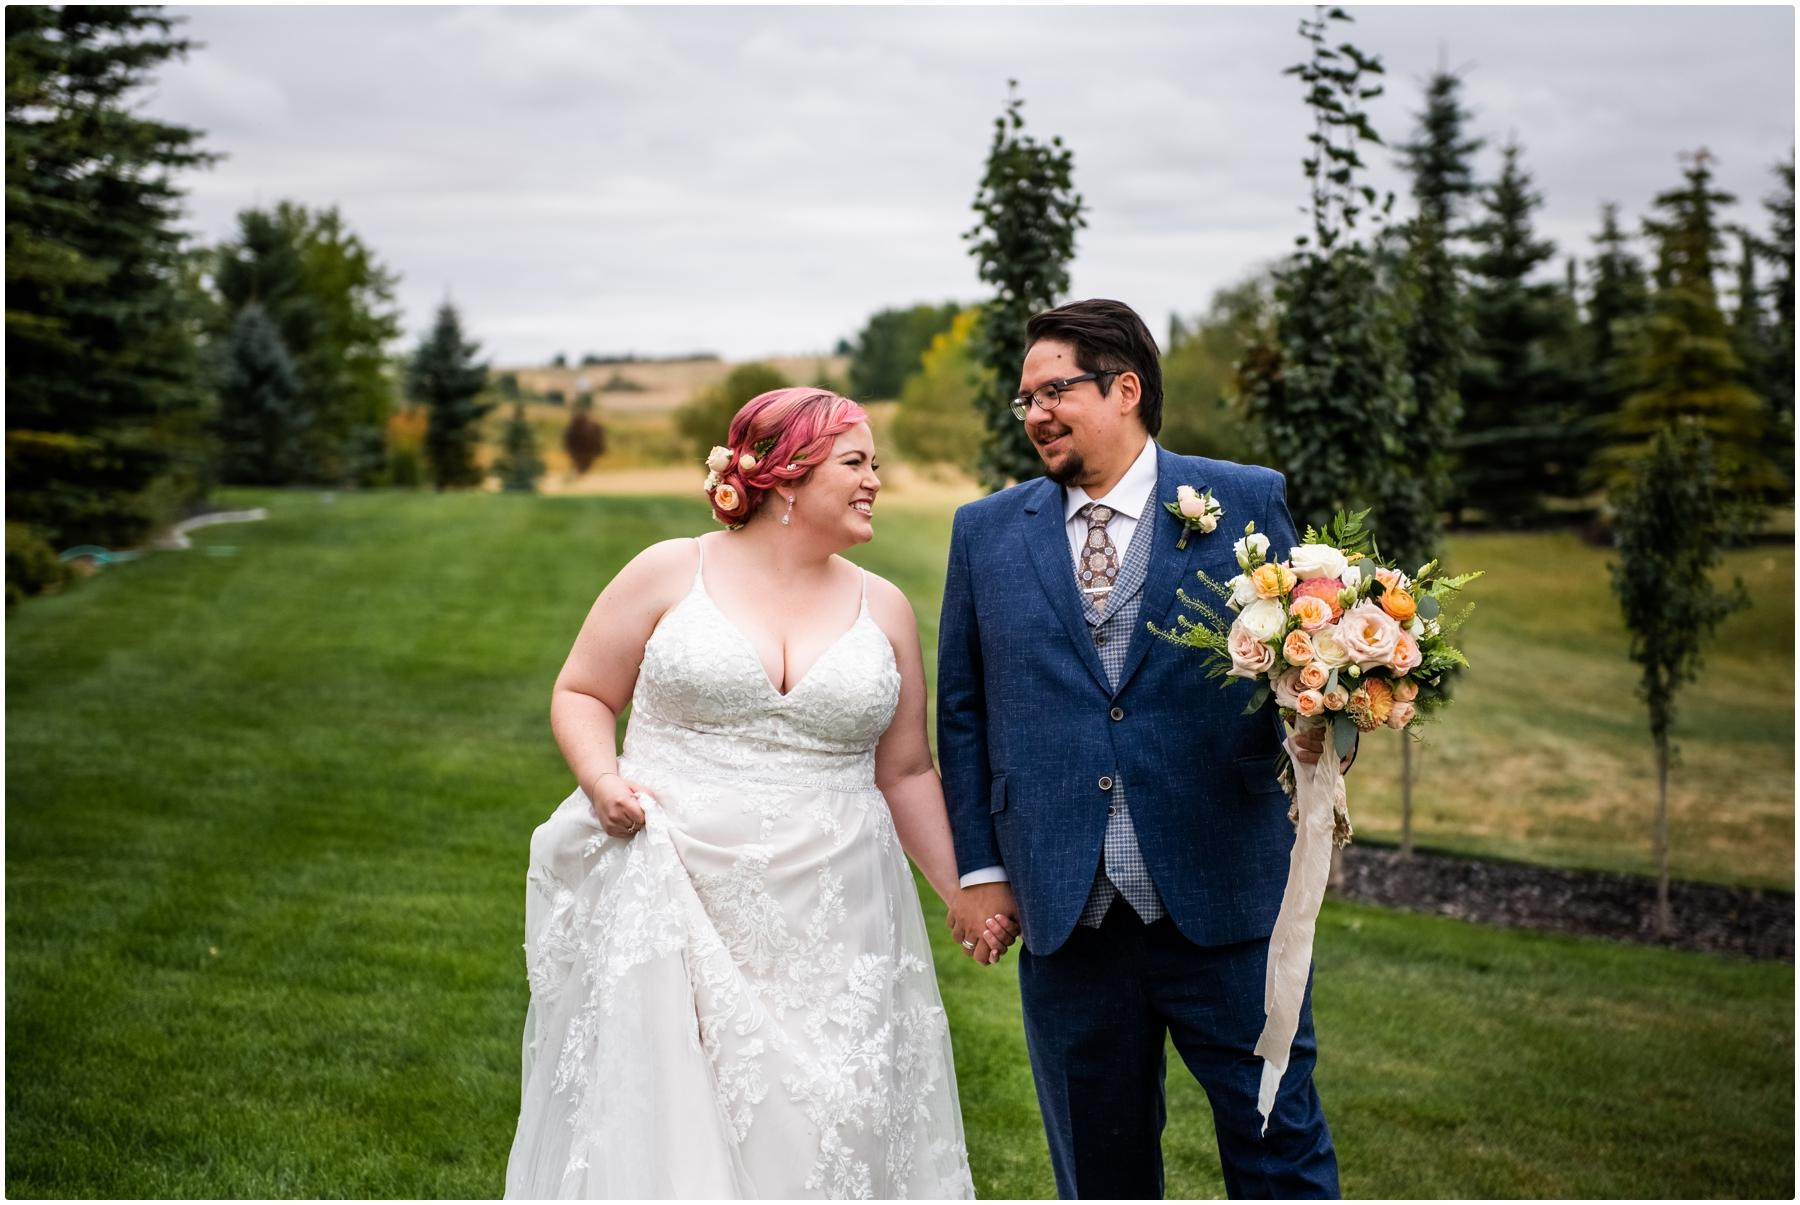 Garden Party Wedding Photographer Calgary